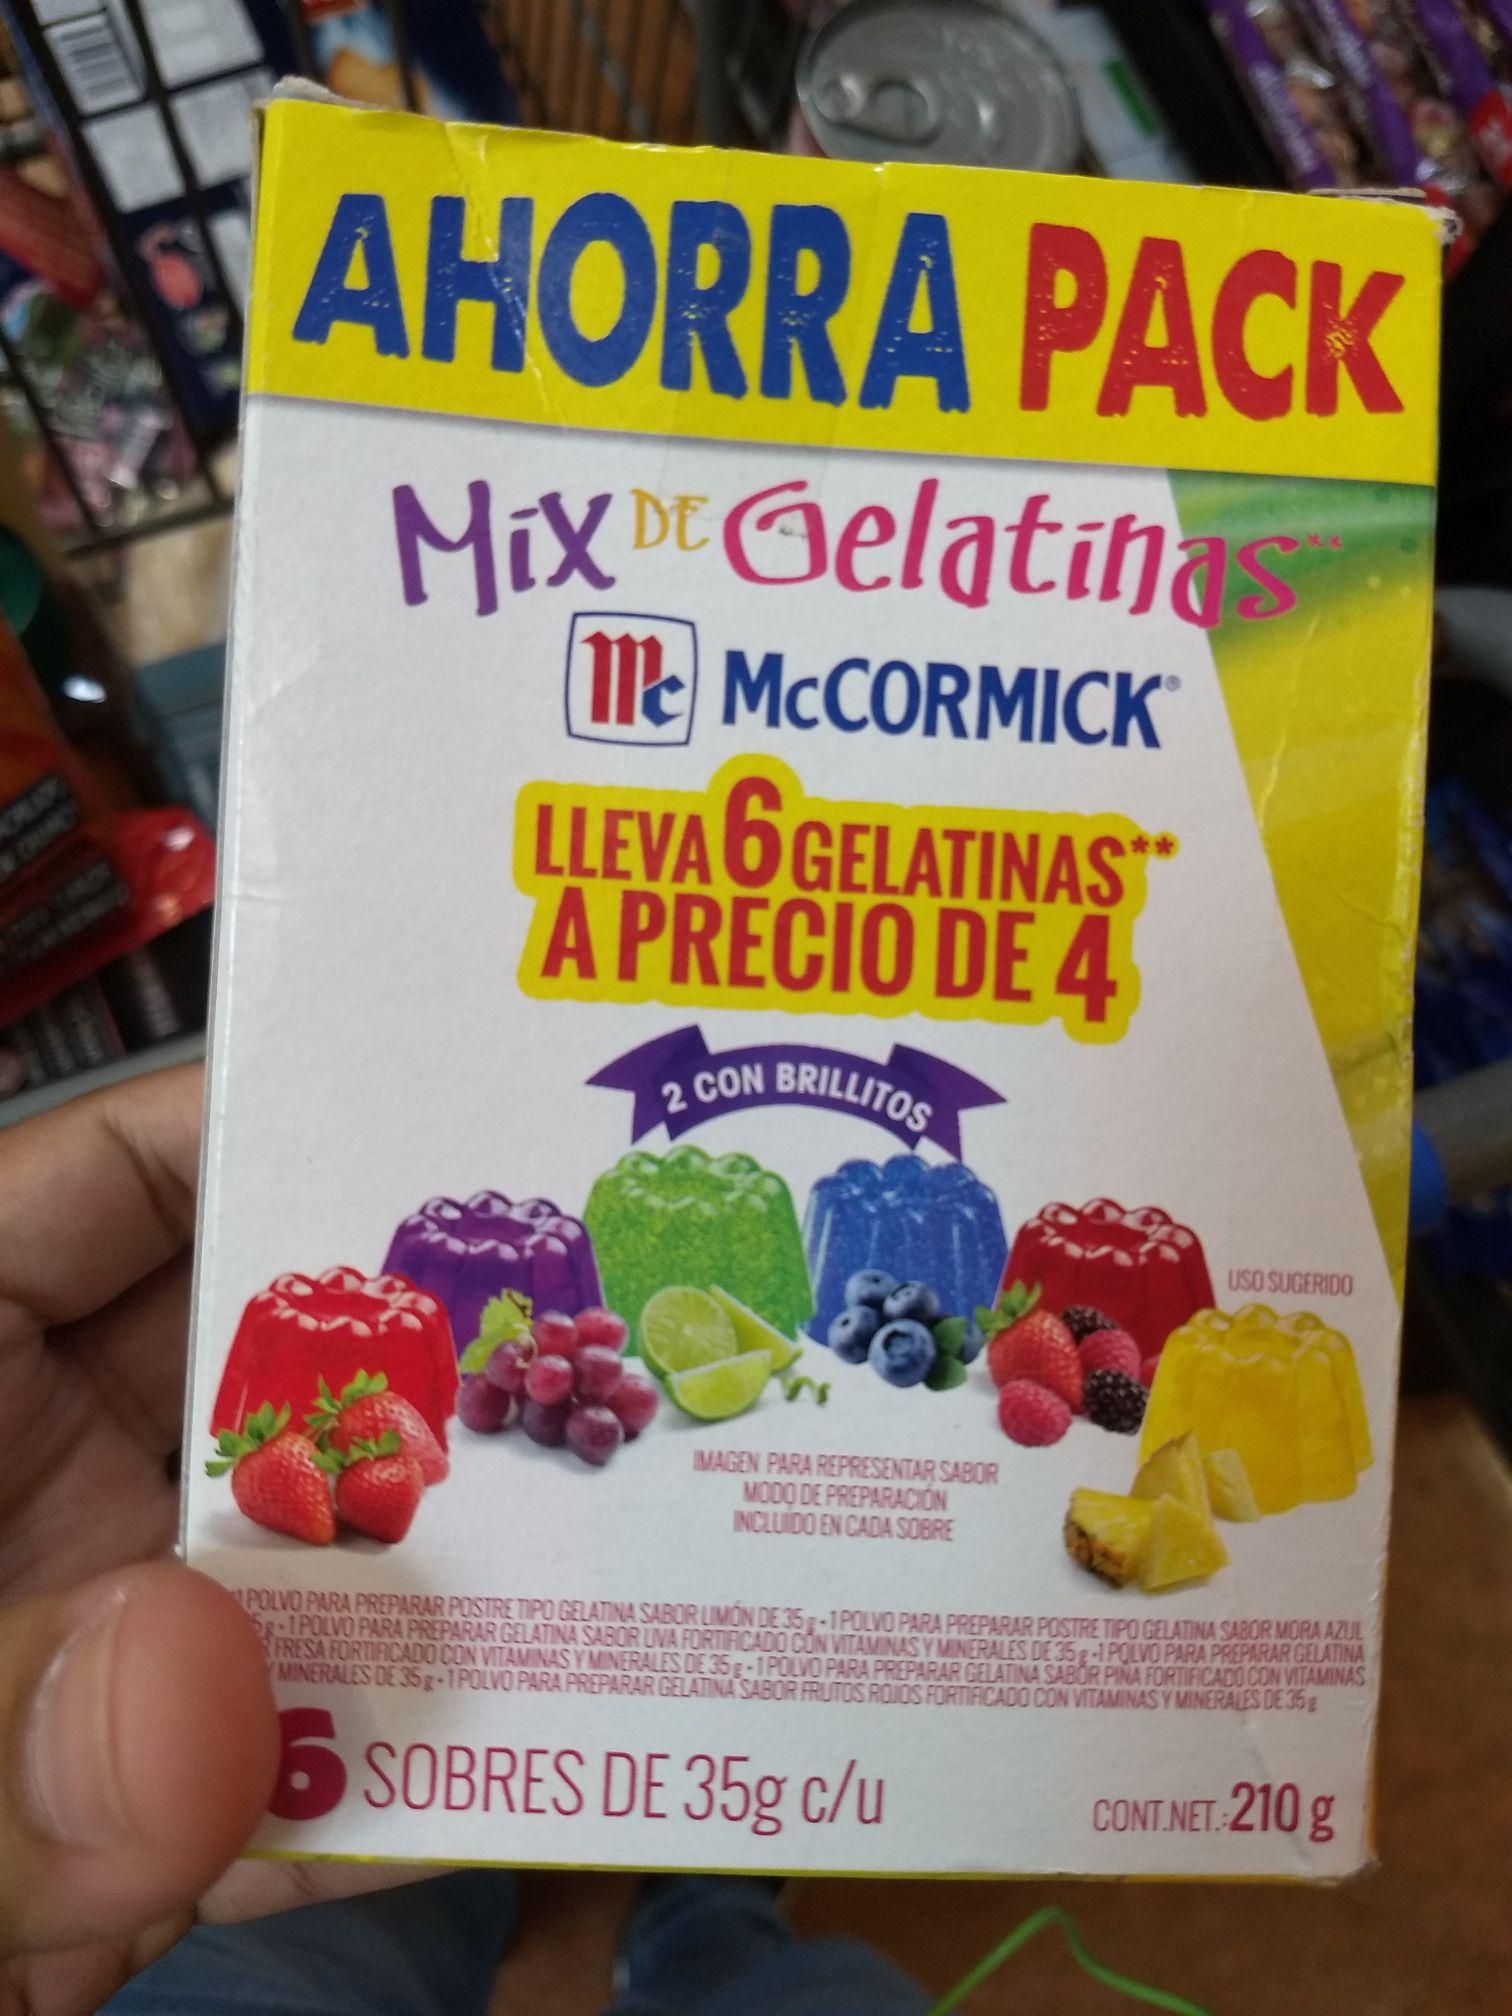 Walmart: unicornio caja de gelatinas mccormick gratis (con mini relato) y más liquidaciones ya publicadas